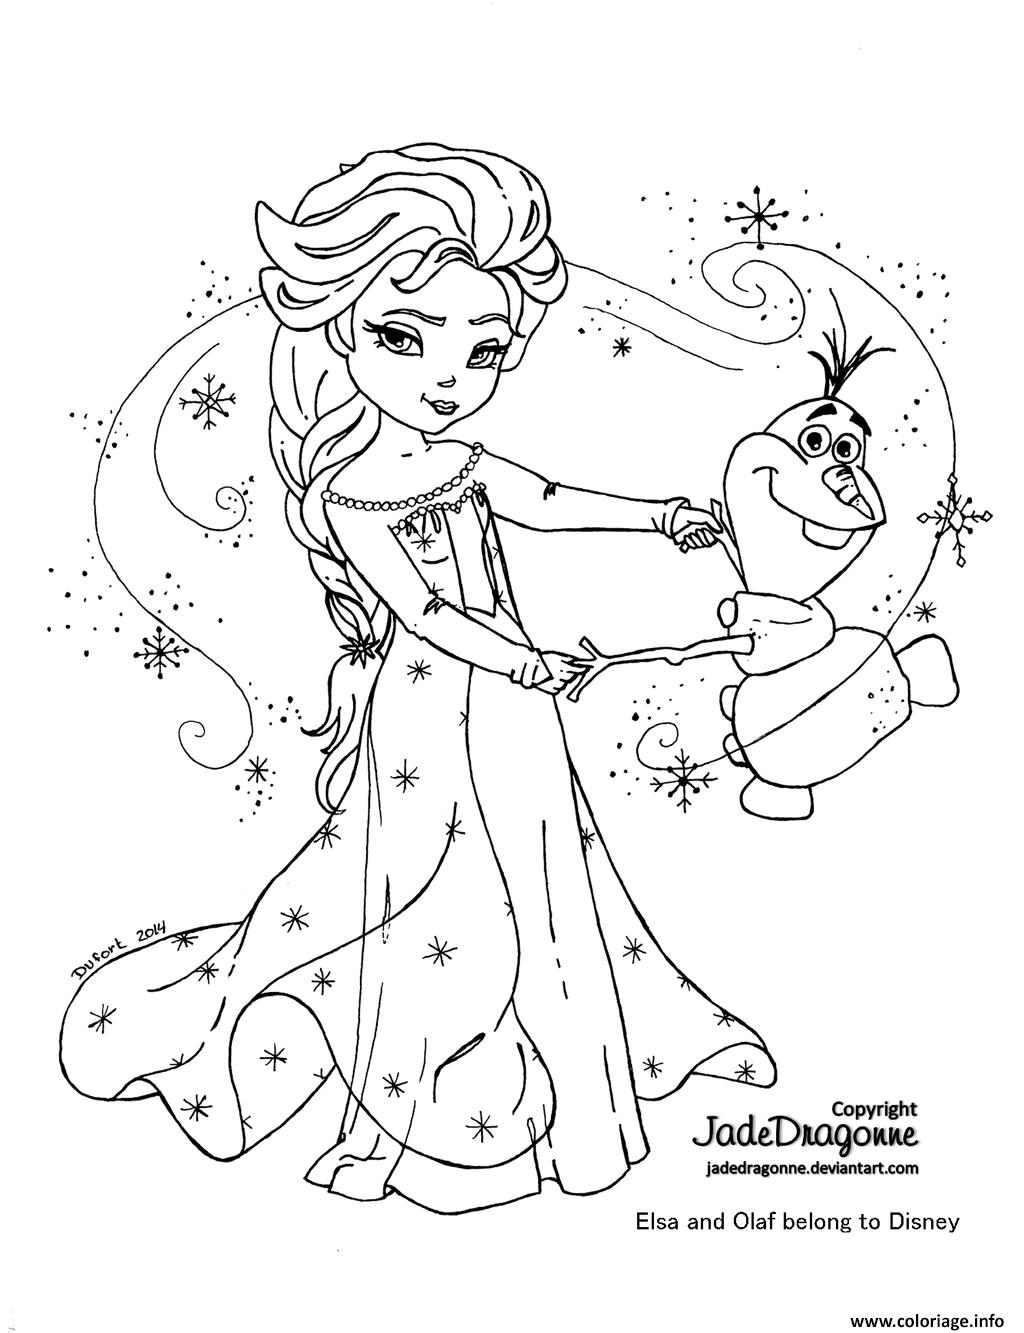 coloriage elsa et olaf dessin imprimer - Dessin Elsa